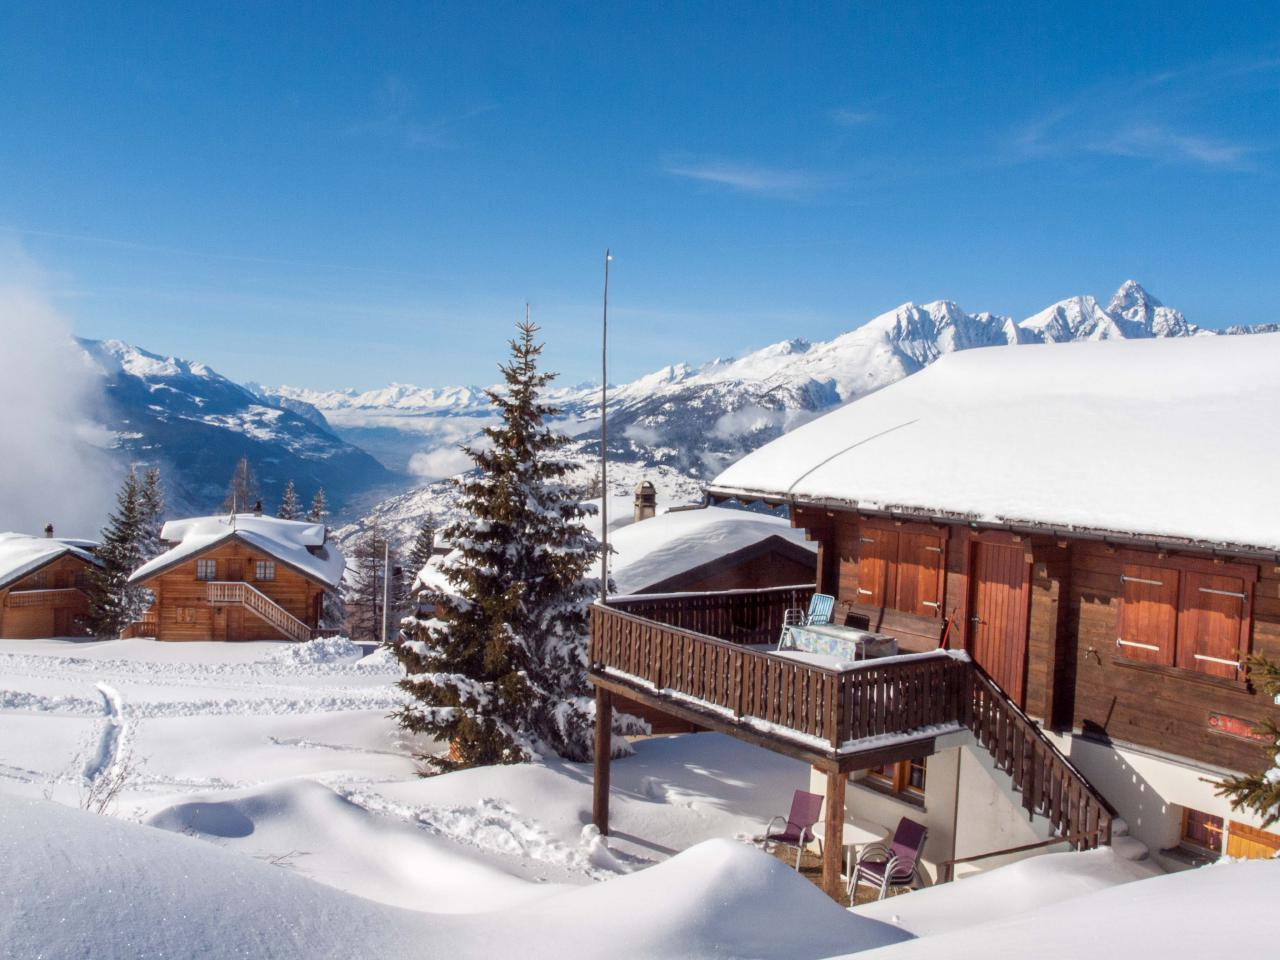 Ferienwohnung Chalet Allegra | Ferienwohnung in den Alpen (2245630), Rosswald, Brig - Simplon, Wallis, Schweiz, Bild 5